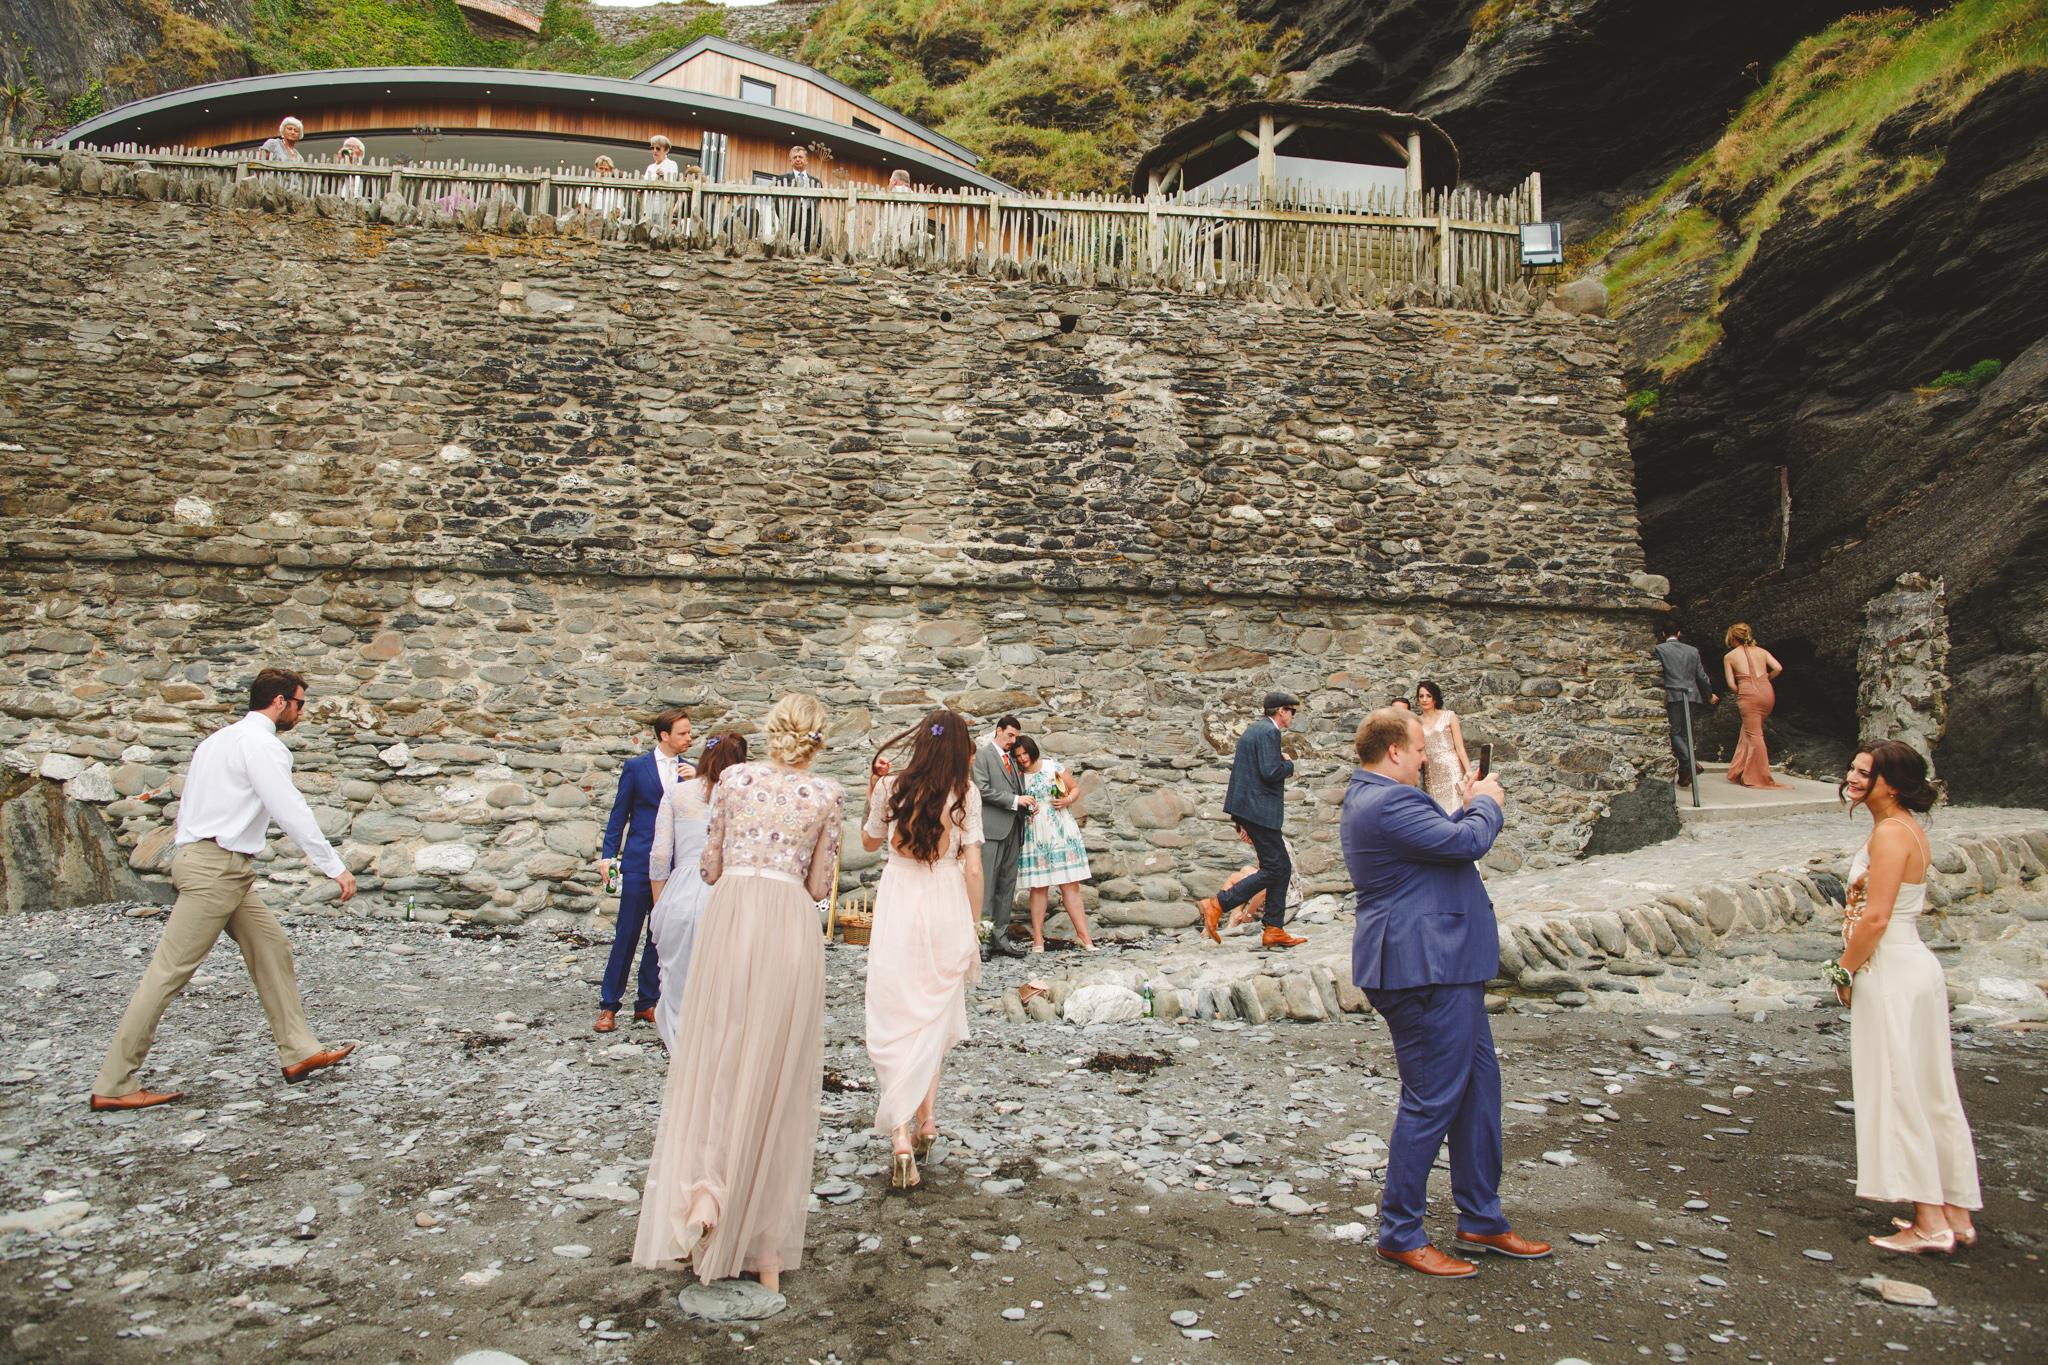 tunnels-beaches-devon-wedding-photography-25.jpg